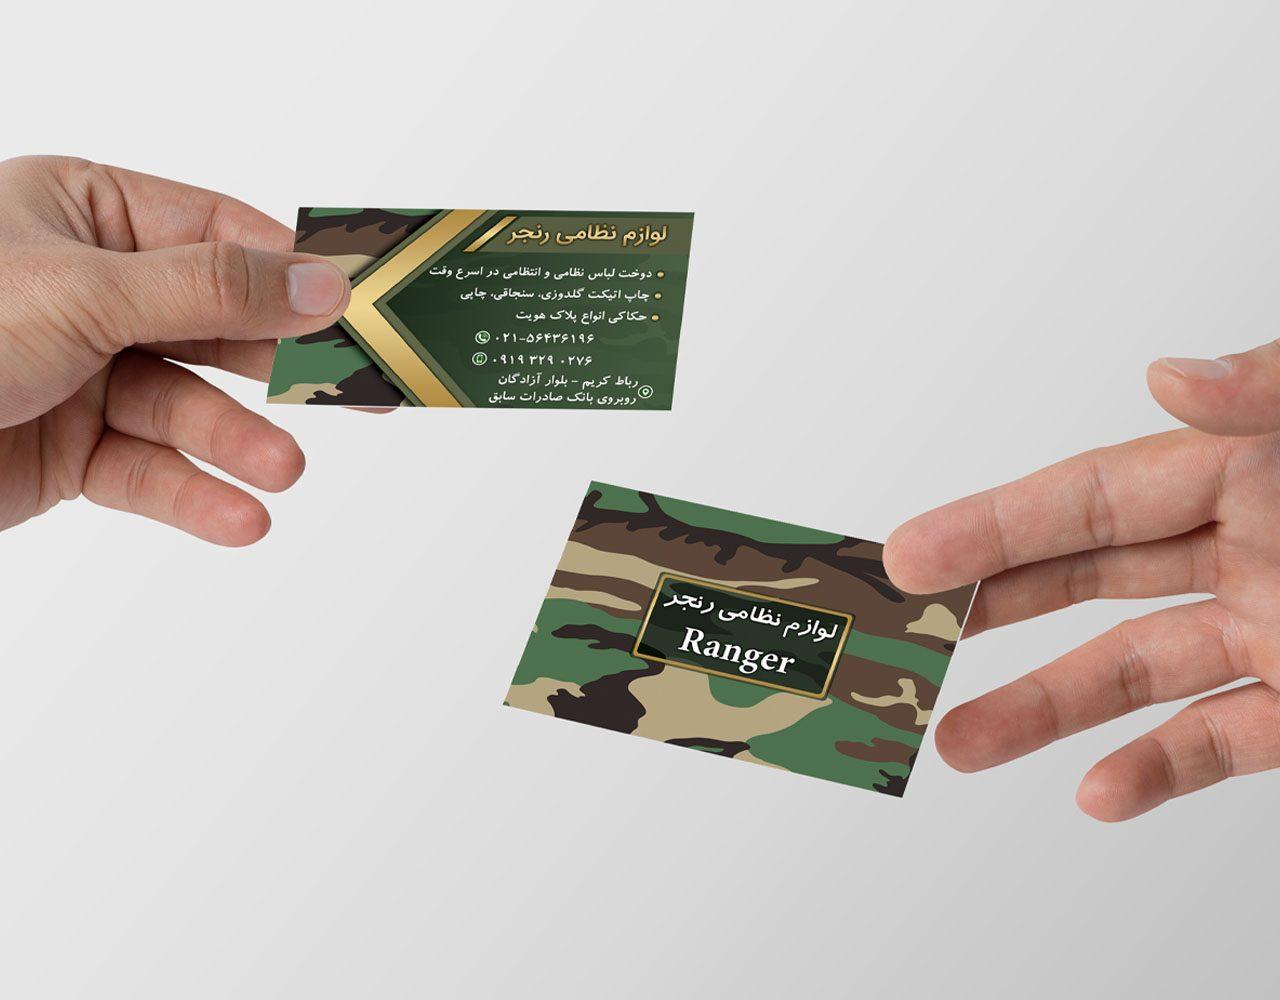 نمونه کار طراحی کارت ویزیت فروشگاه نظامی